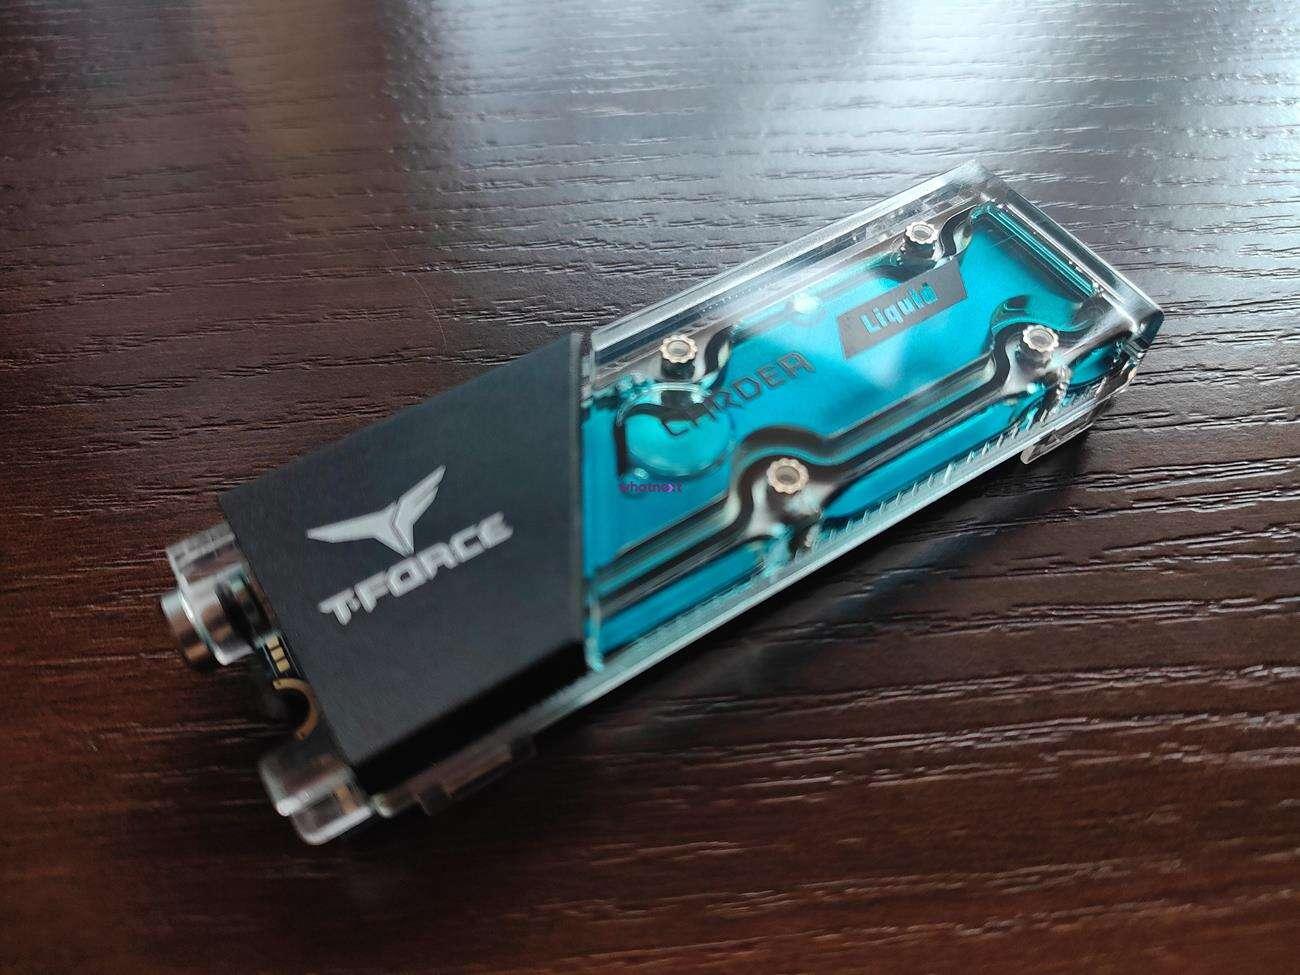 Test dysku CARDEA Liquid 512 GB, wydajność dysku CARDEA Liquid 512 GB, recenzja Cardea Liquid, wydajność CARDEA Liquid, test cardea liquid, testy cardea liquid, cena dysku liquid, dysk chłodzony wodą